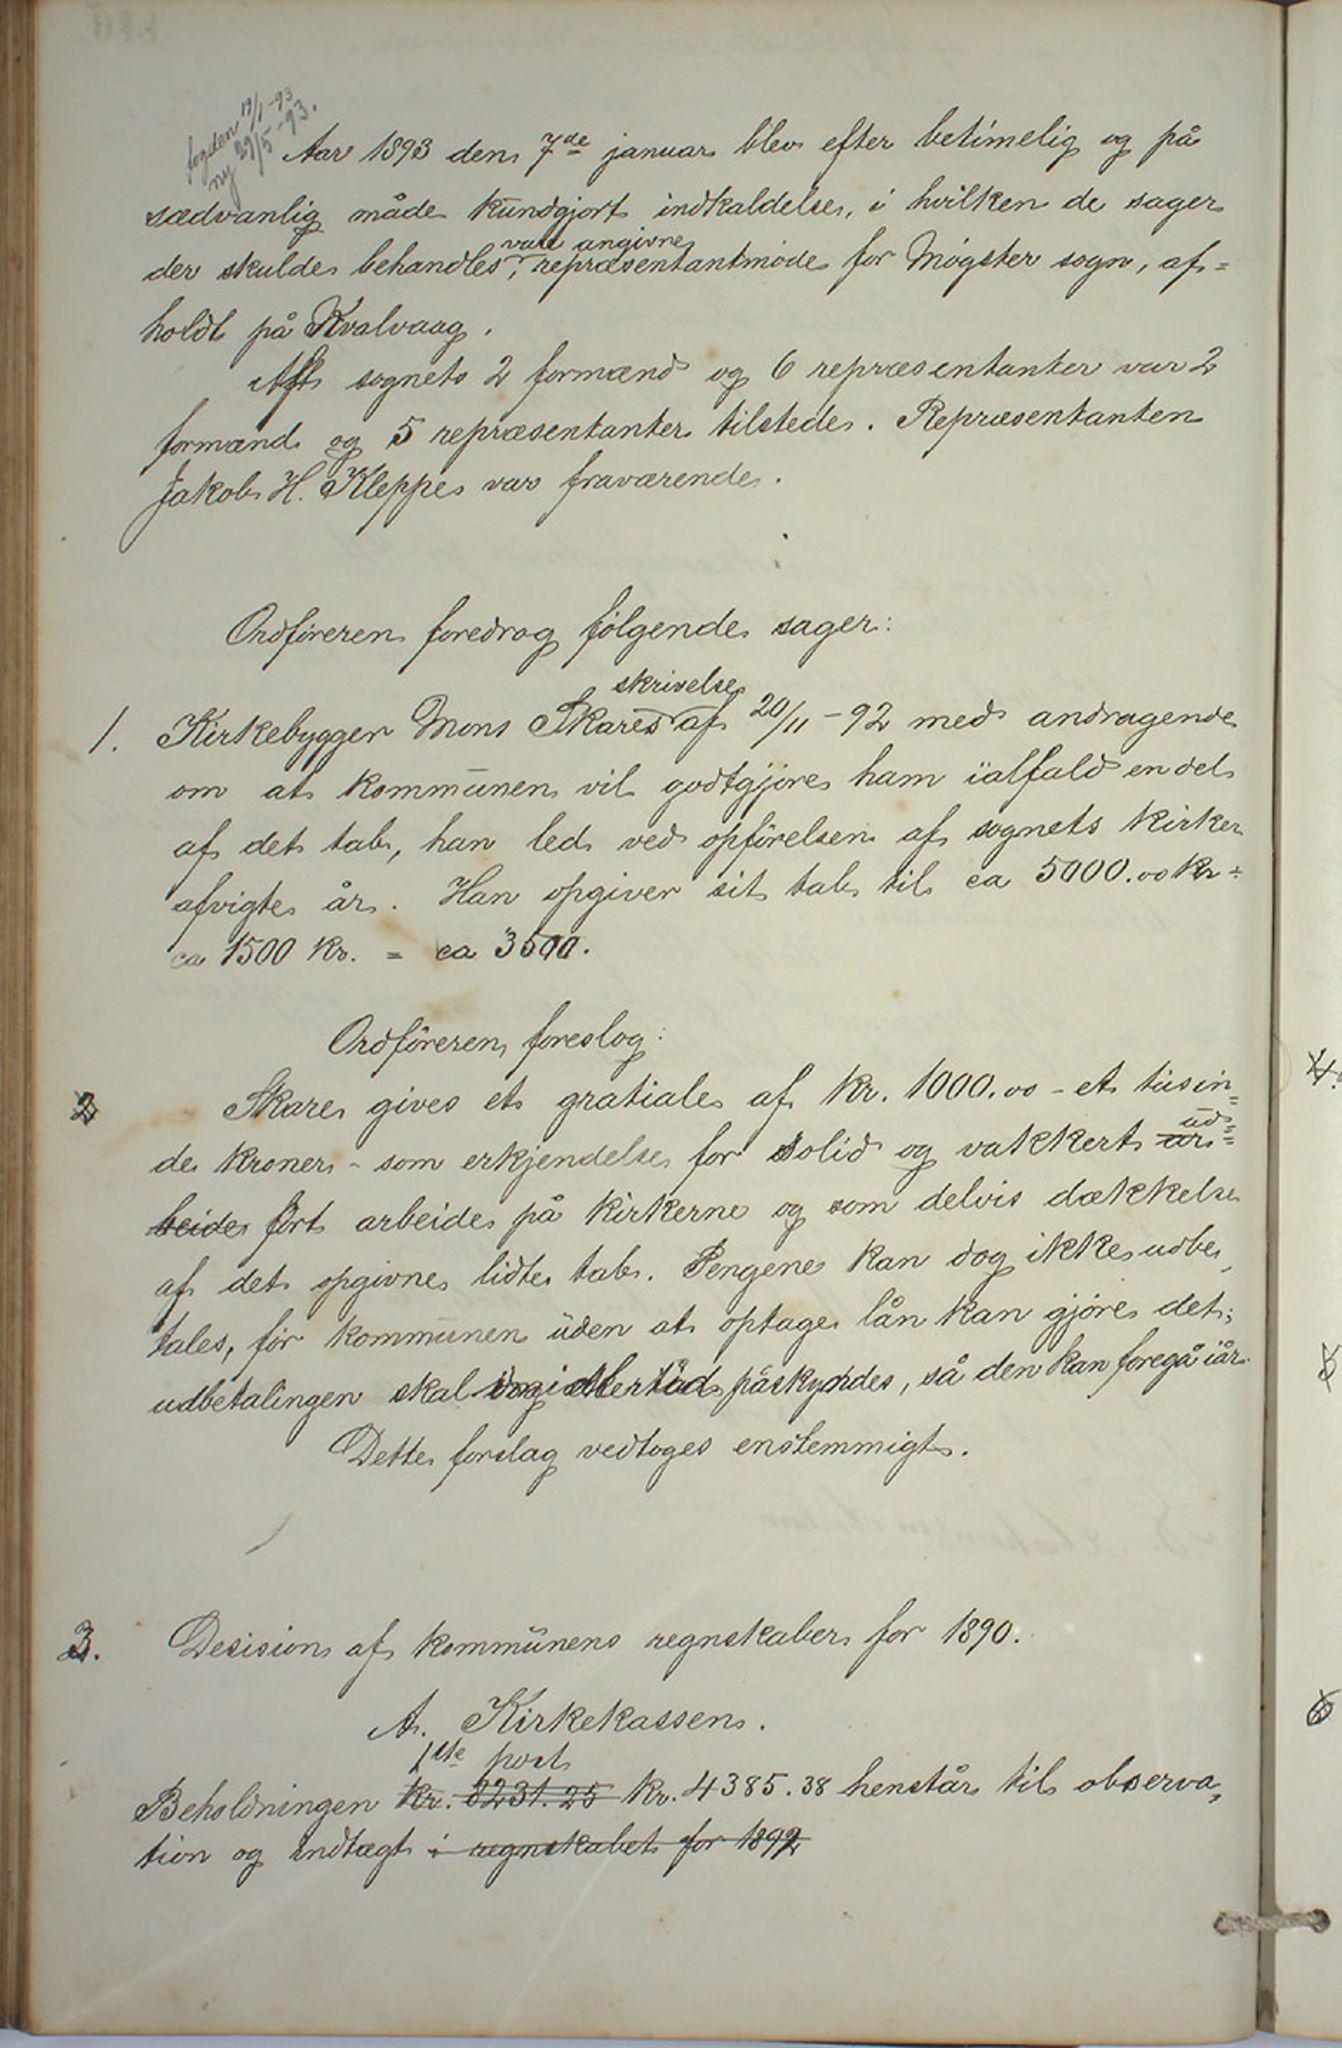 IKAH, Austevoll kommune. Formannskapet, A/Aa/L0001: Østervolds Herredsforhandlings-protokoll, 1886-1900, s. 233